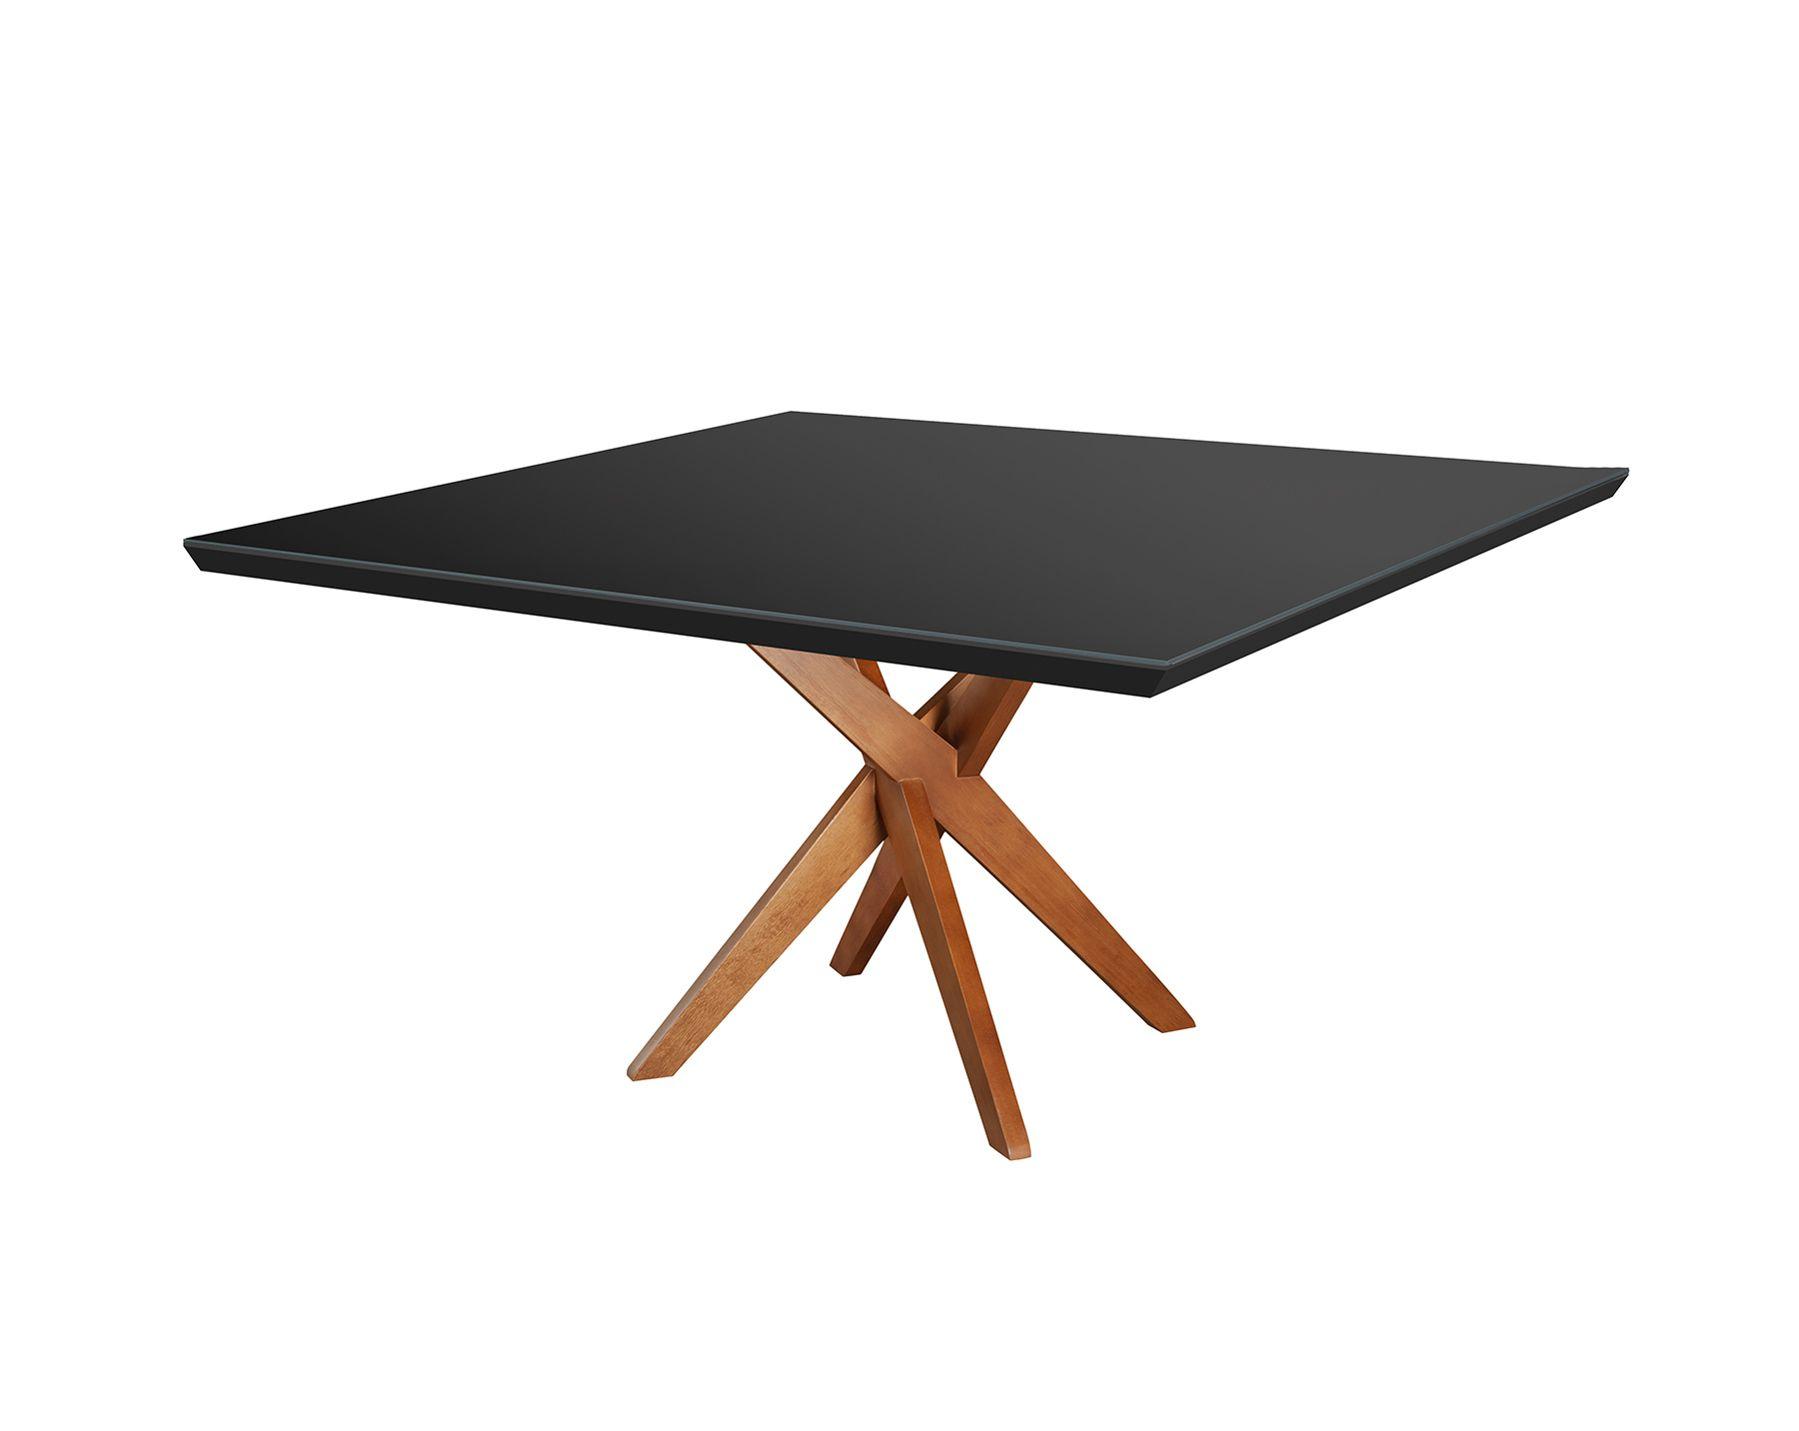 Mesa de Jantar Quadrada X - Tamanho (120 x 120cm ) - Woods